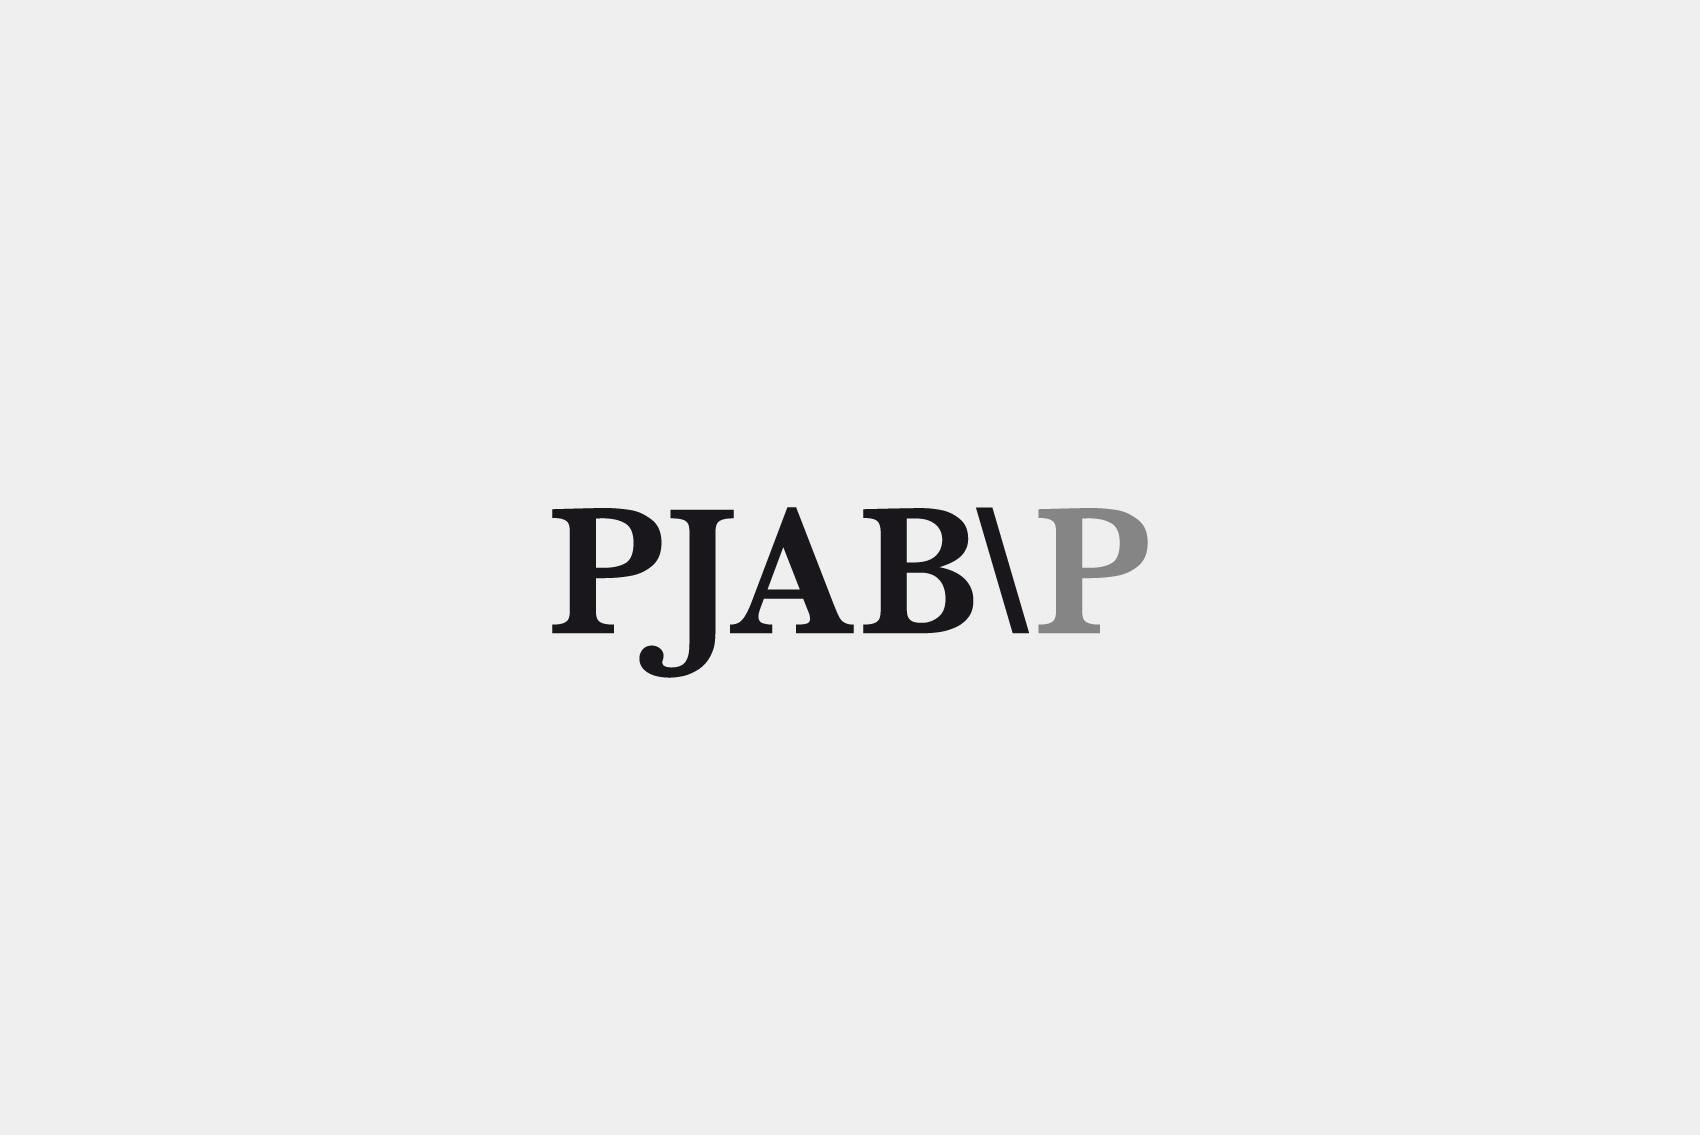 PjabB